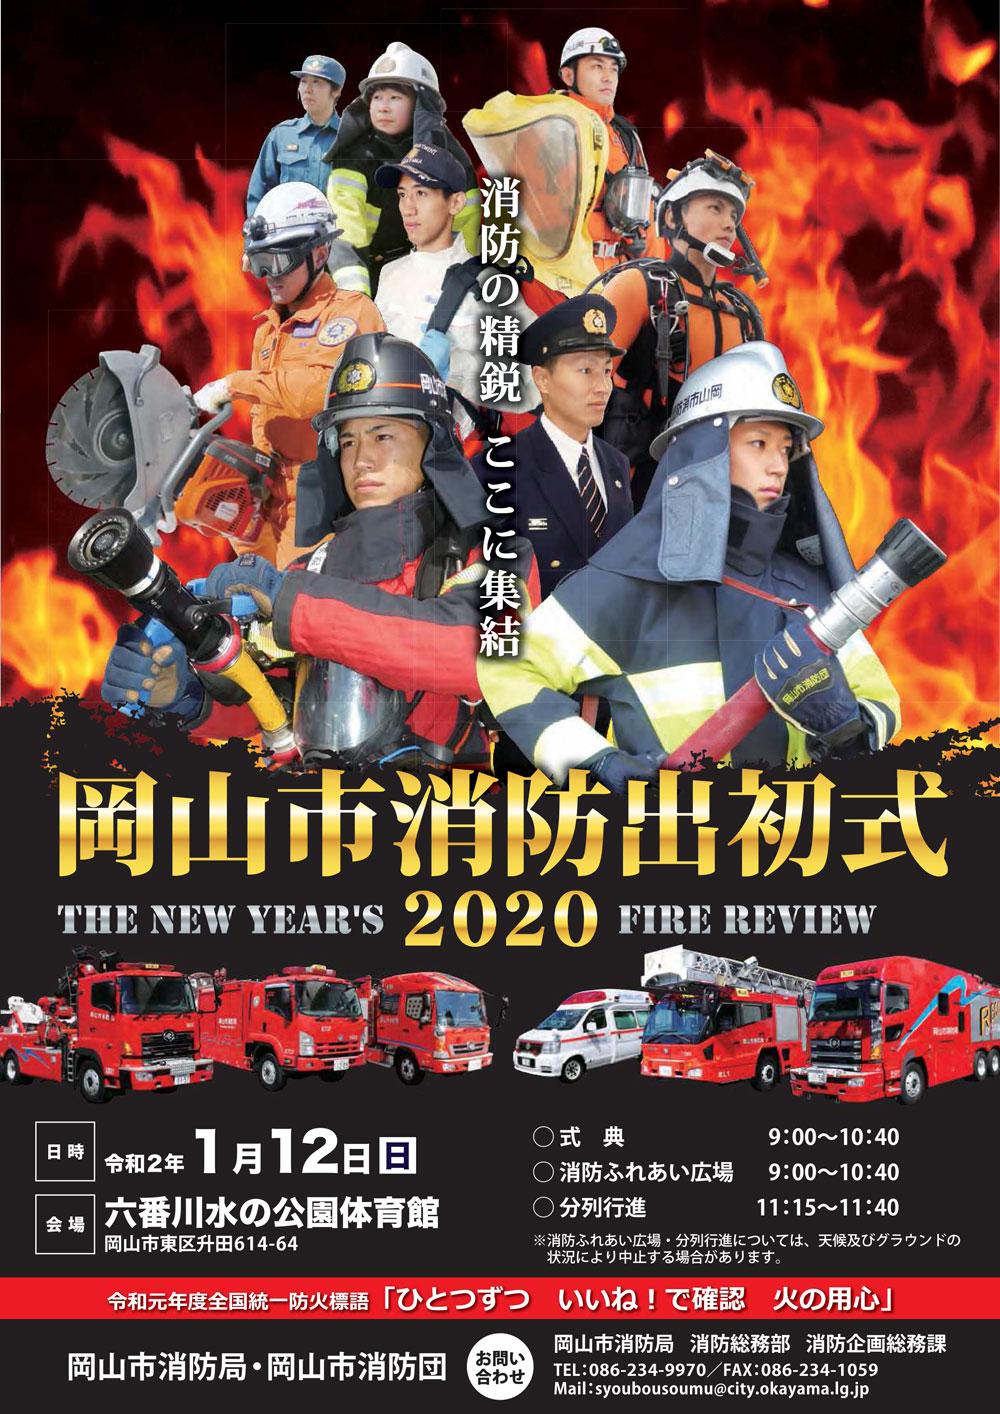 令和2年岡山市消防出初式を開催します